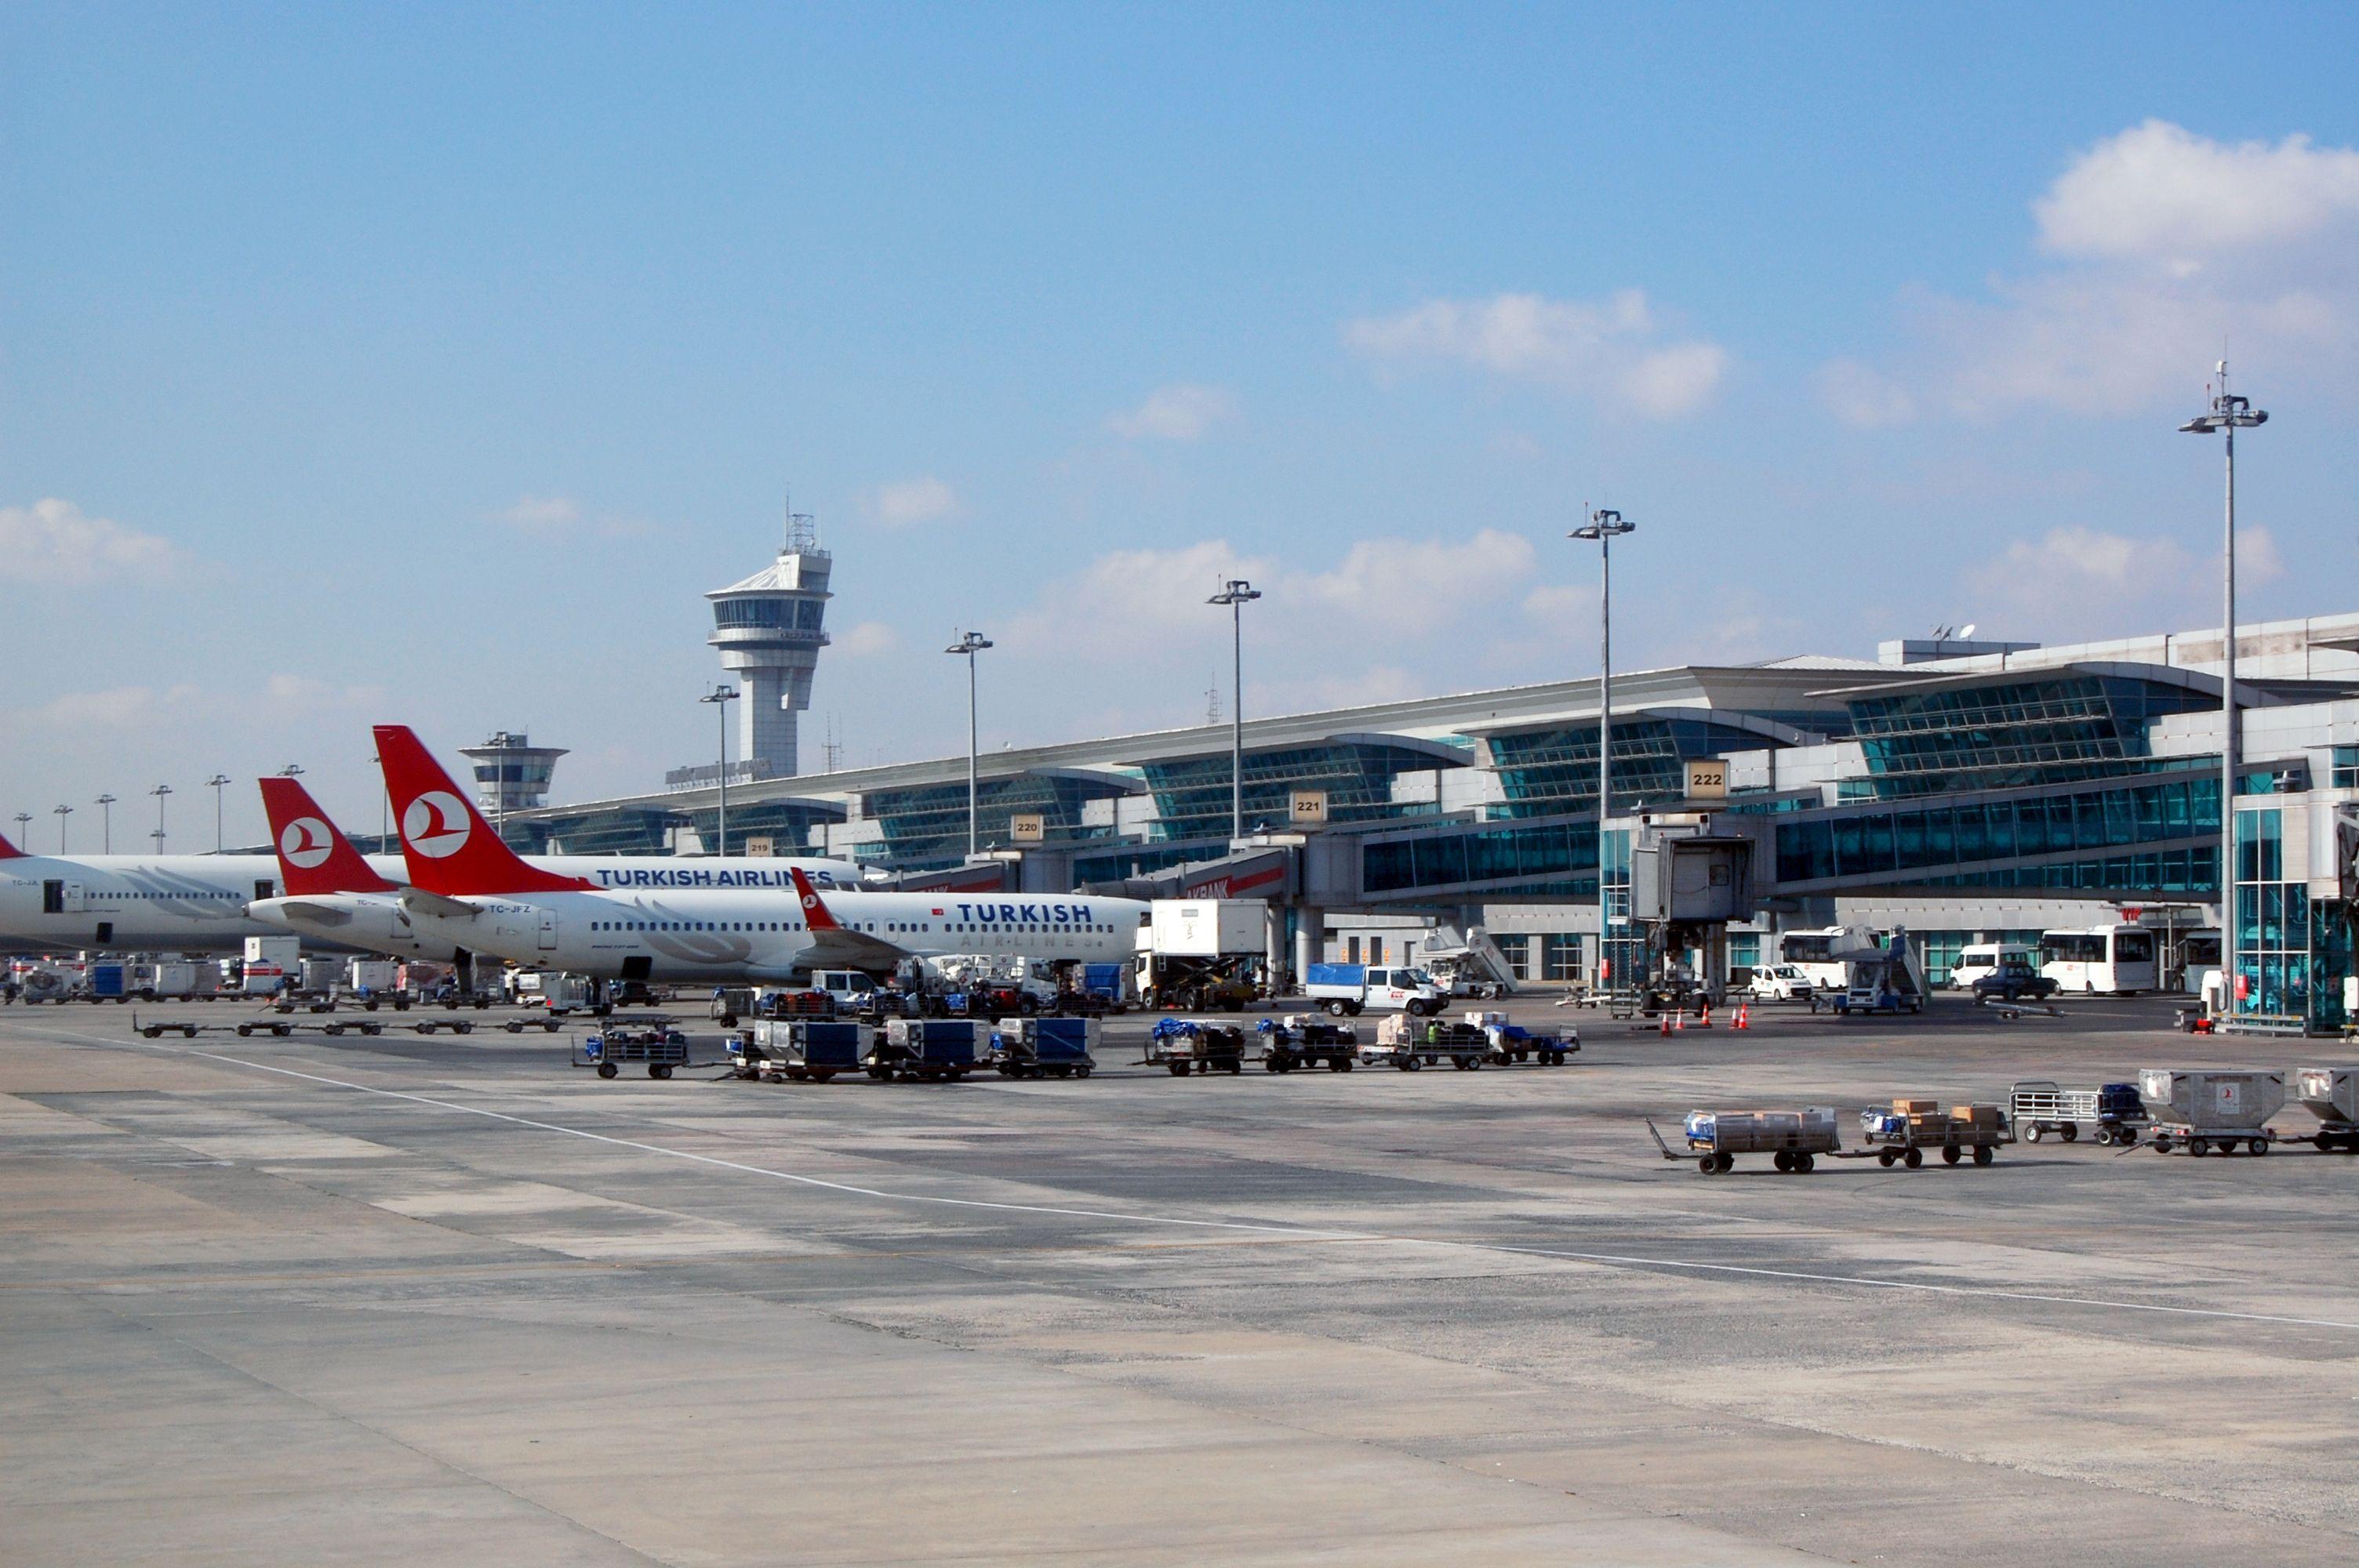 Aeroporto di Istanbul: polizia apre il fuoco, due uomini arrestati